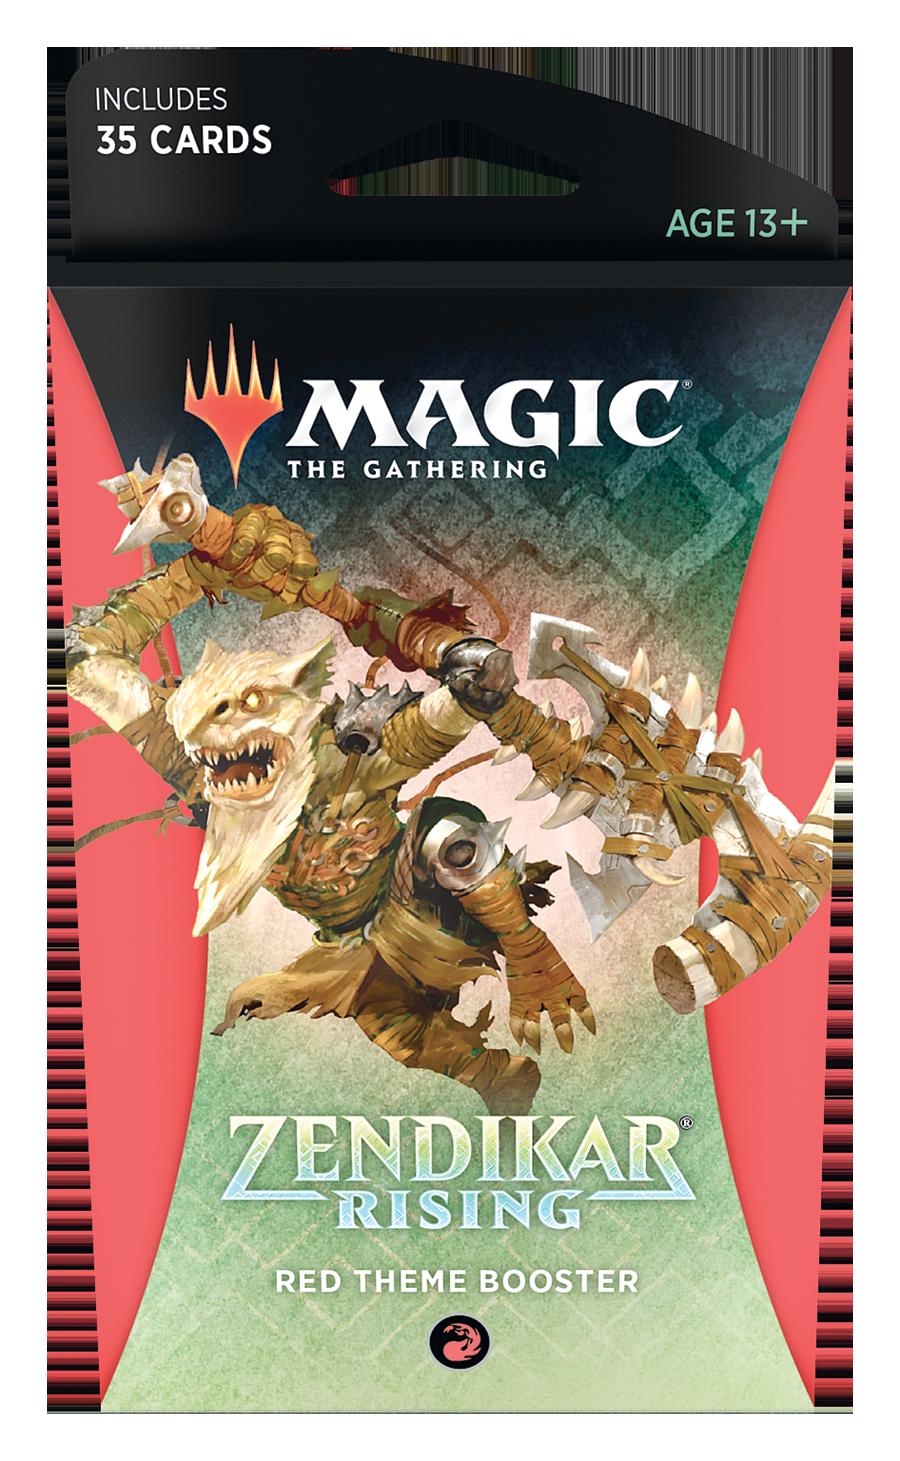 Magic The Gathering: Zendikar Rising - Red Theme Booster